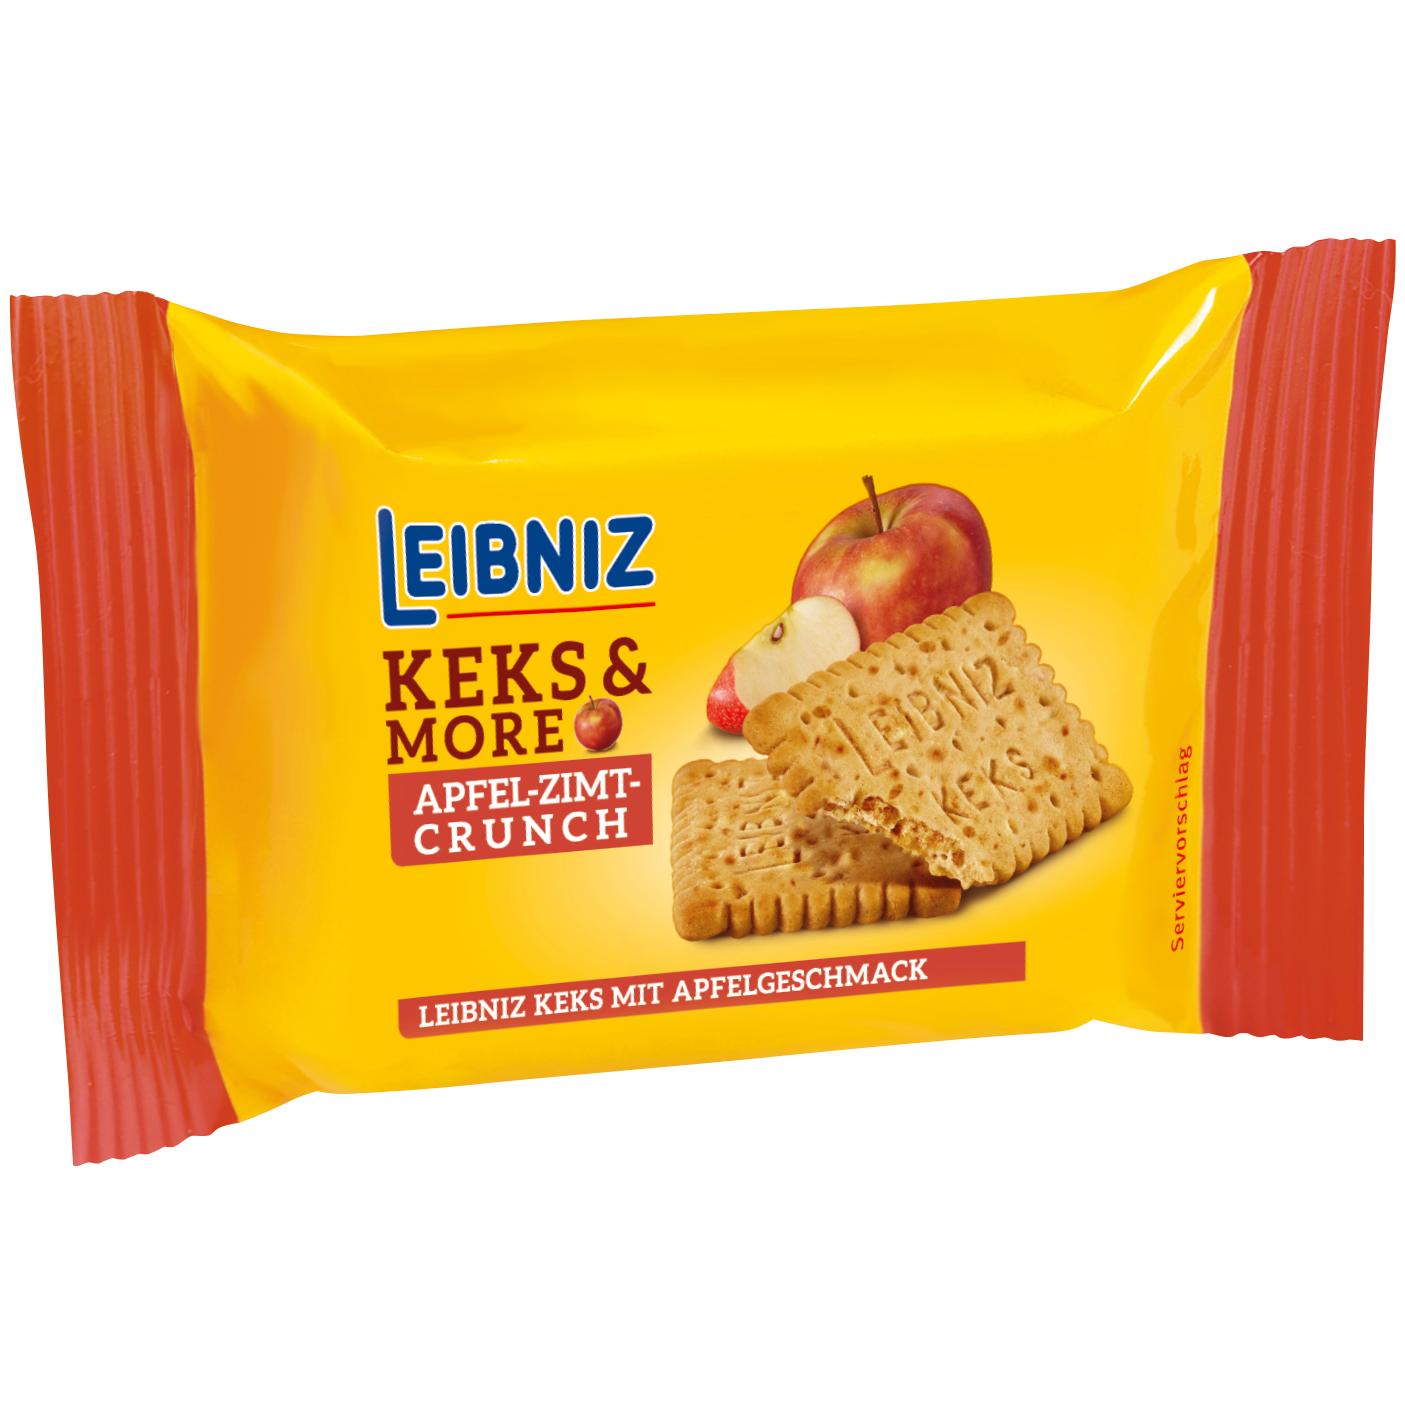 Leibniz Apfel Zimt